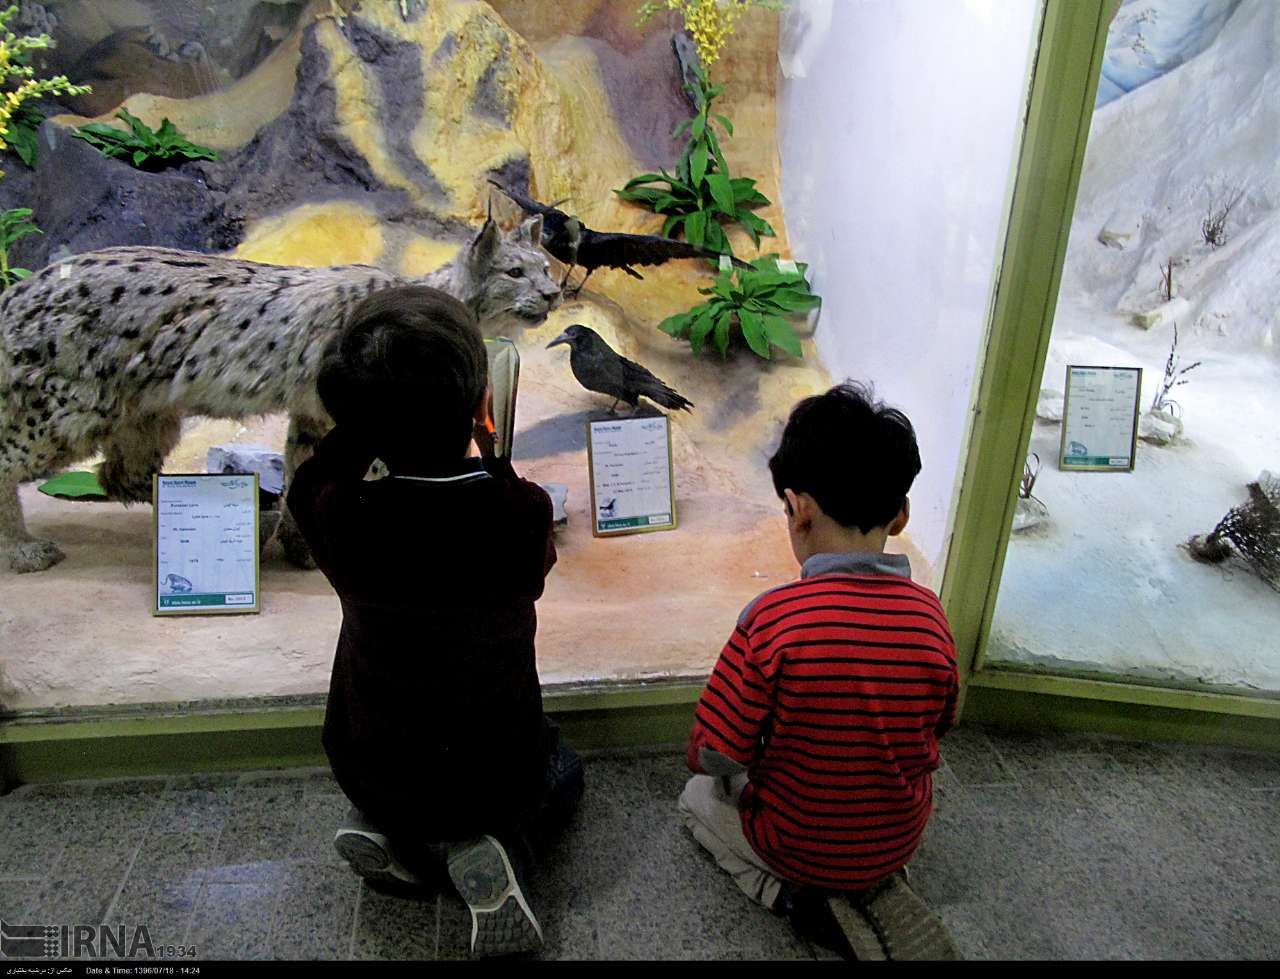 بازدید کودکان از موزه  وضعیت گردشگری کودک و نوجوان در ایران و جهان